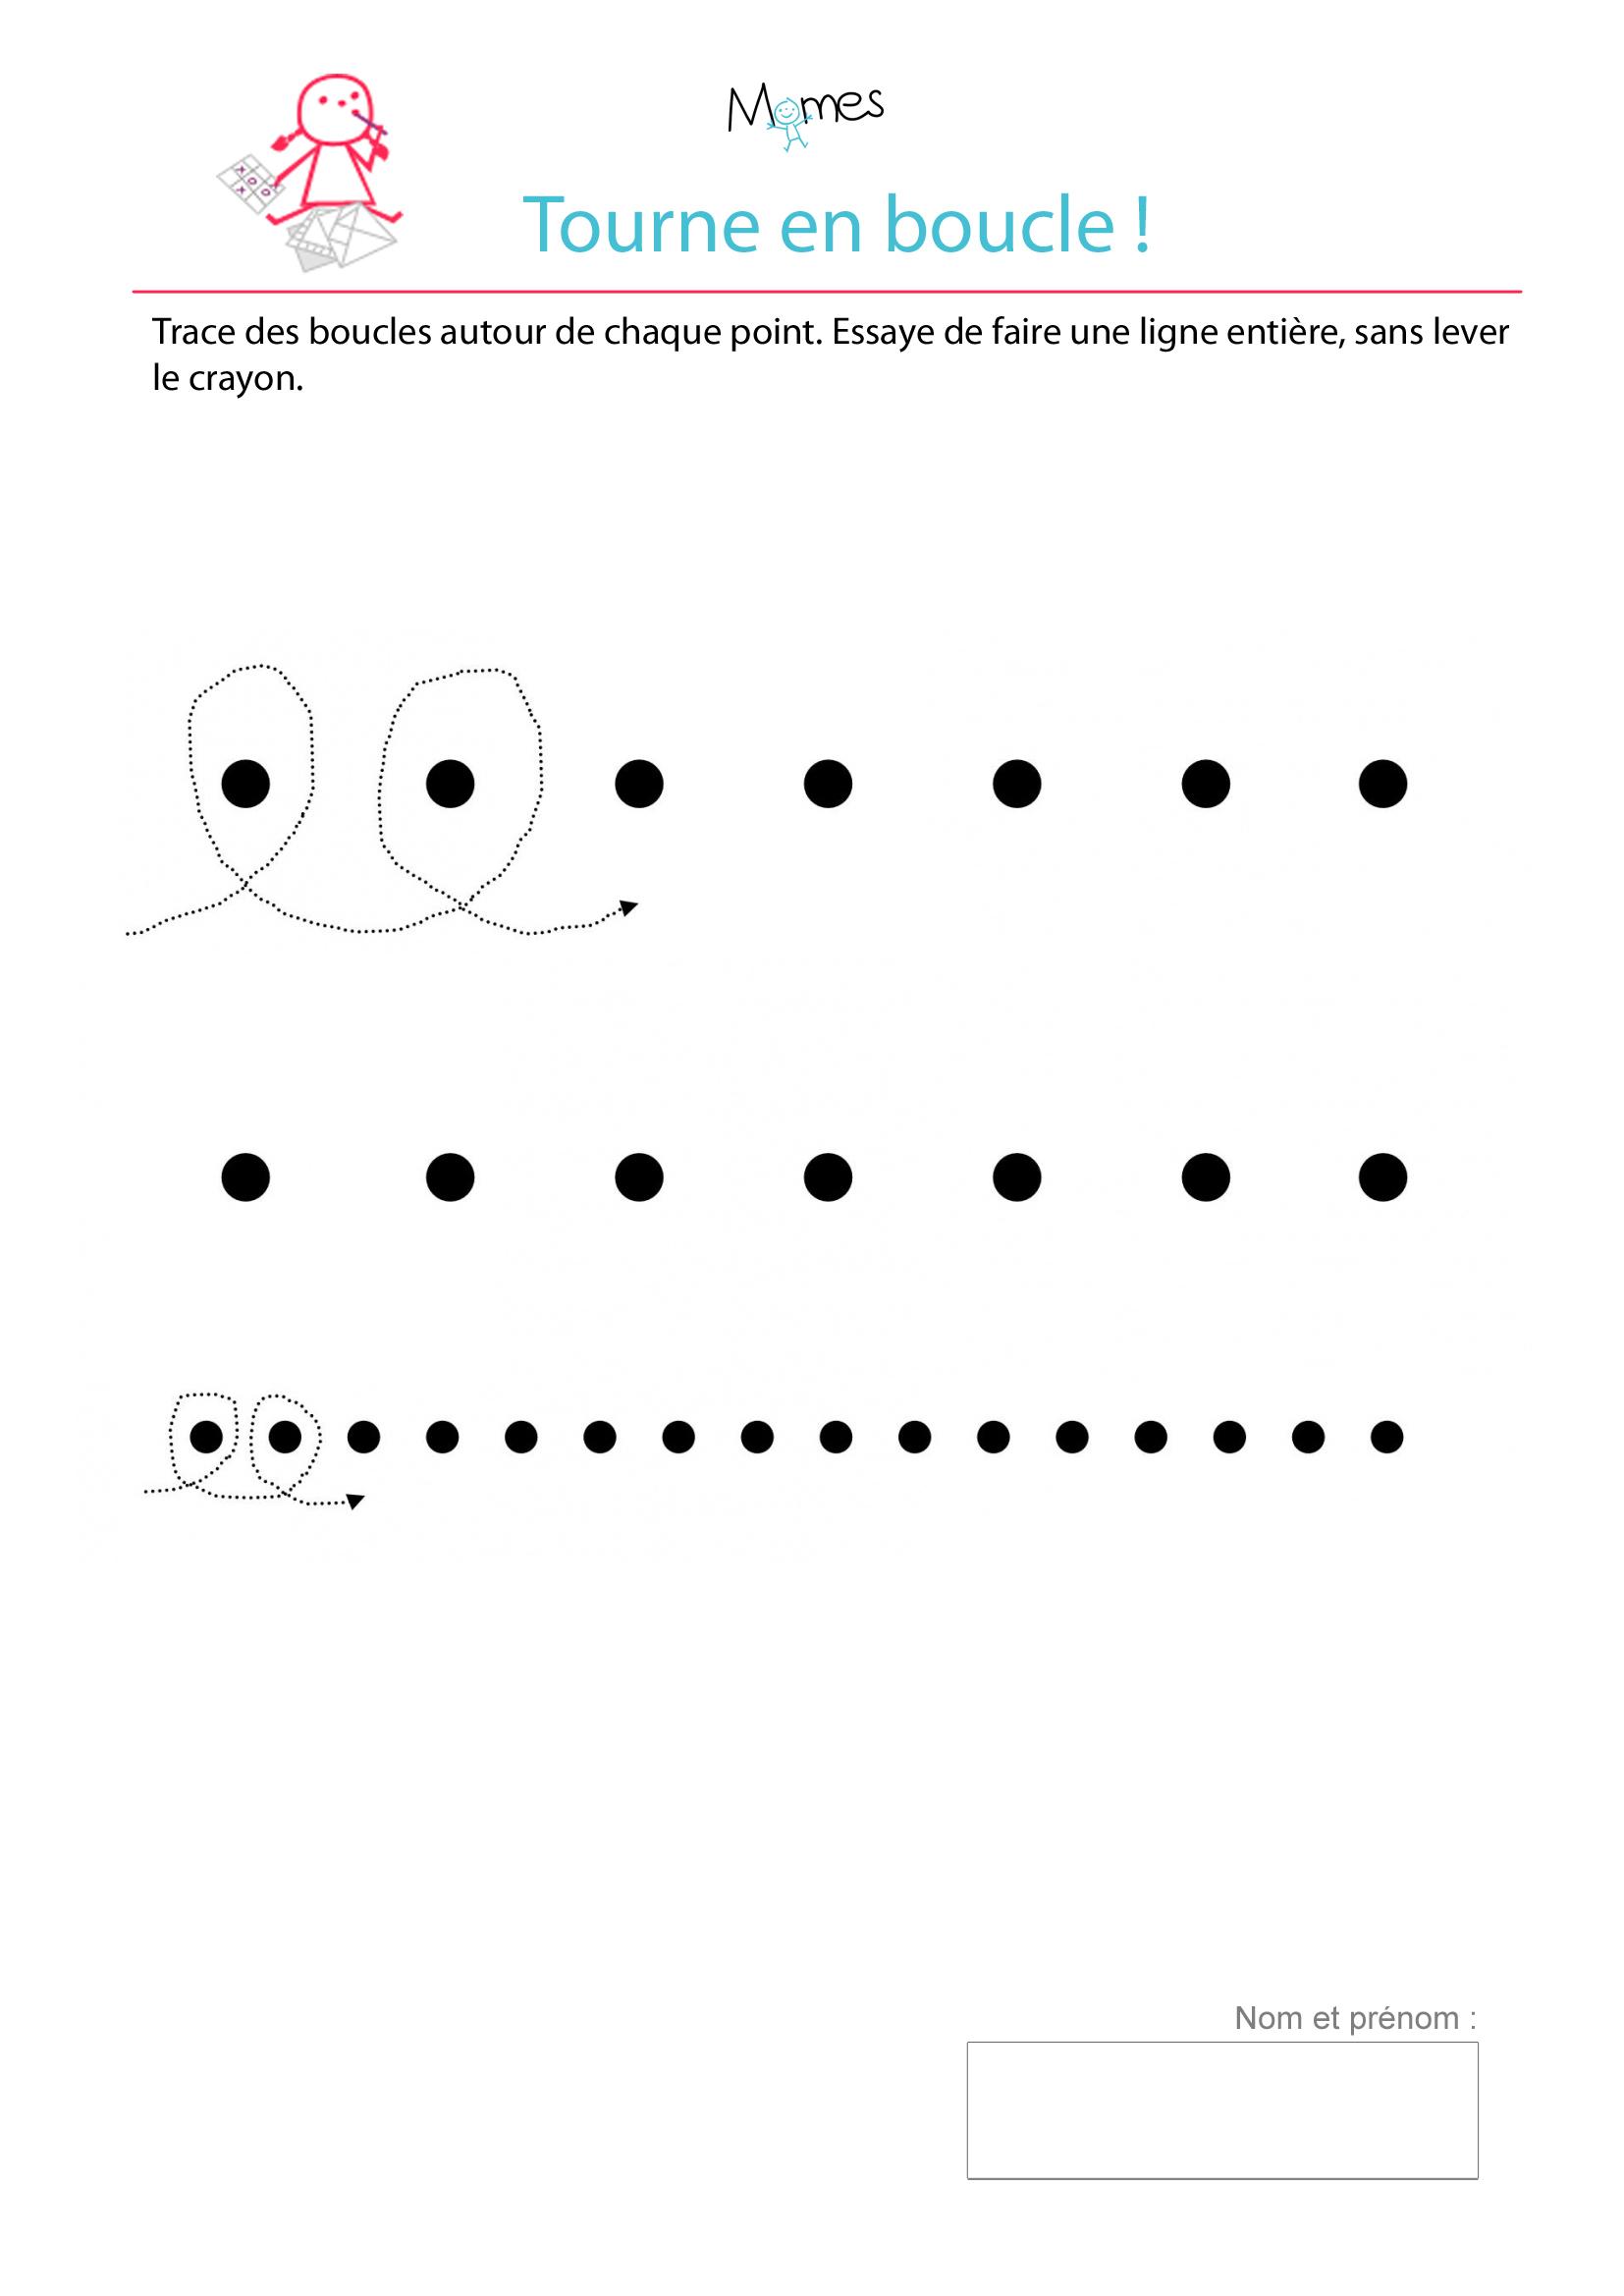 Exercice D'écriture : Tracer Des Boucles Autour De Points dedans Jeux En Ligne Maternelle Petite Section